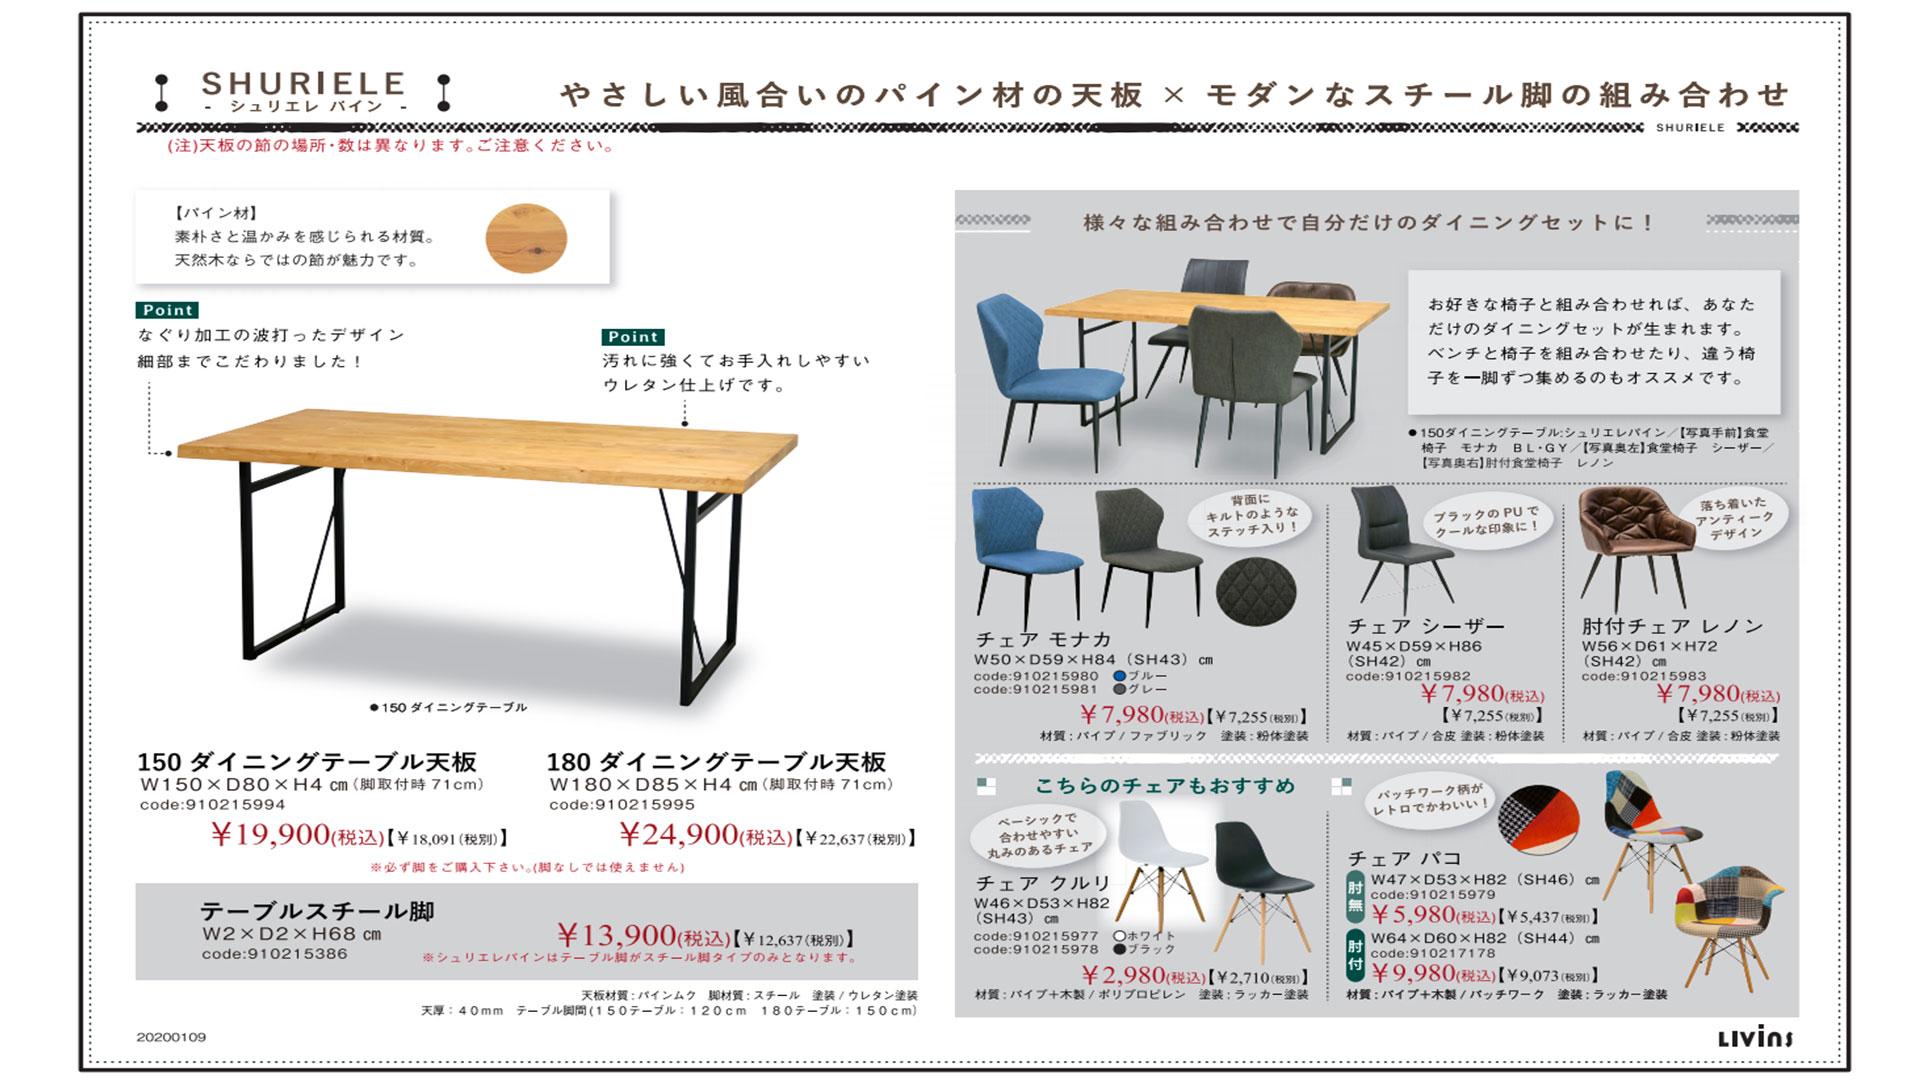 リビンズのダイニングテーブル「シュリエレ」のパイン材の天板のPOPの画像